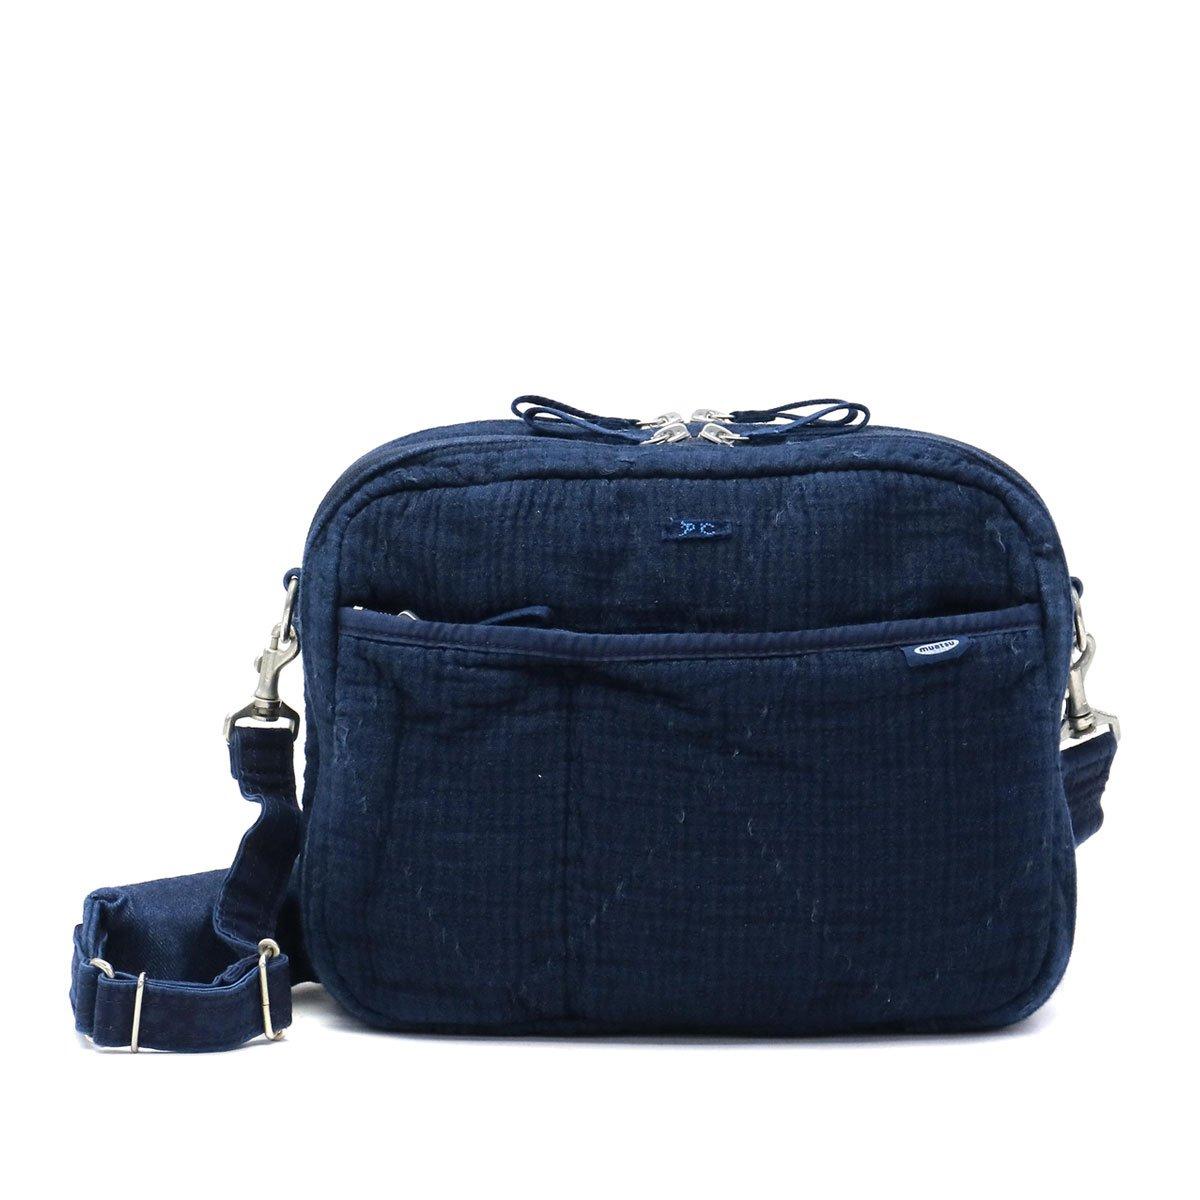 [ポータークラシック]Porter Classic ショルダーバッグ muatsu NEWTON SASHIKO SHOULDER BAG PC-050-958 ニューブルー/40 B07CH2N6DR